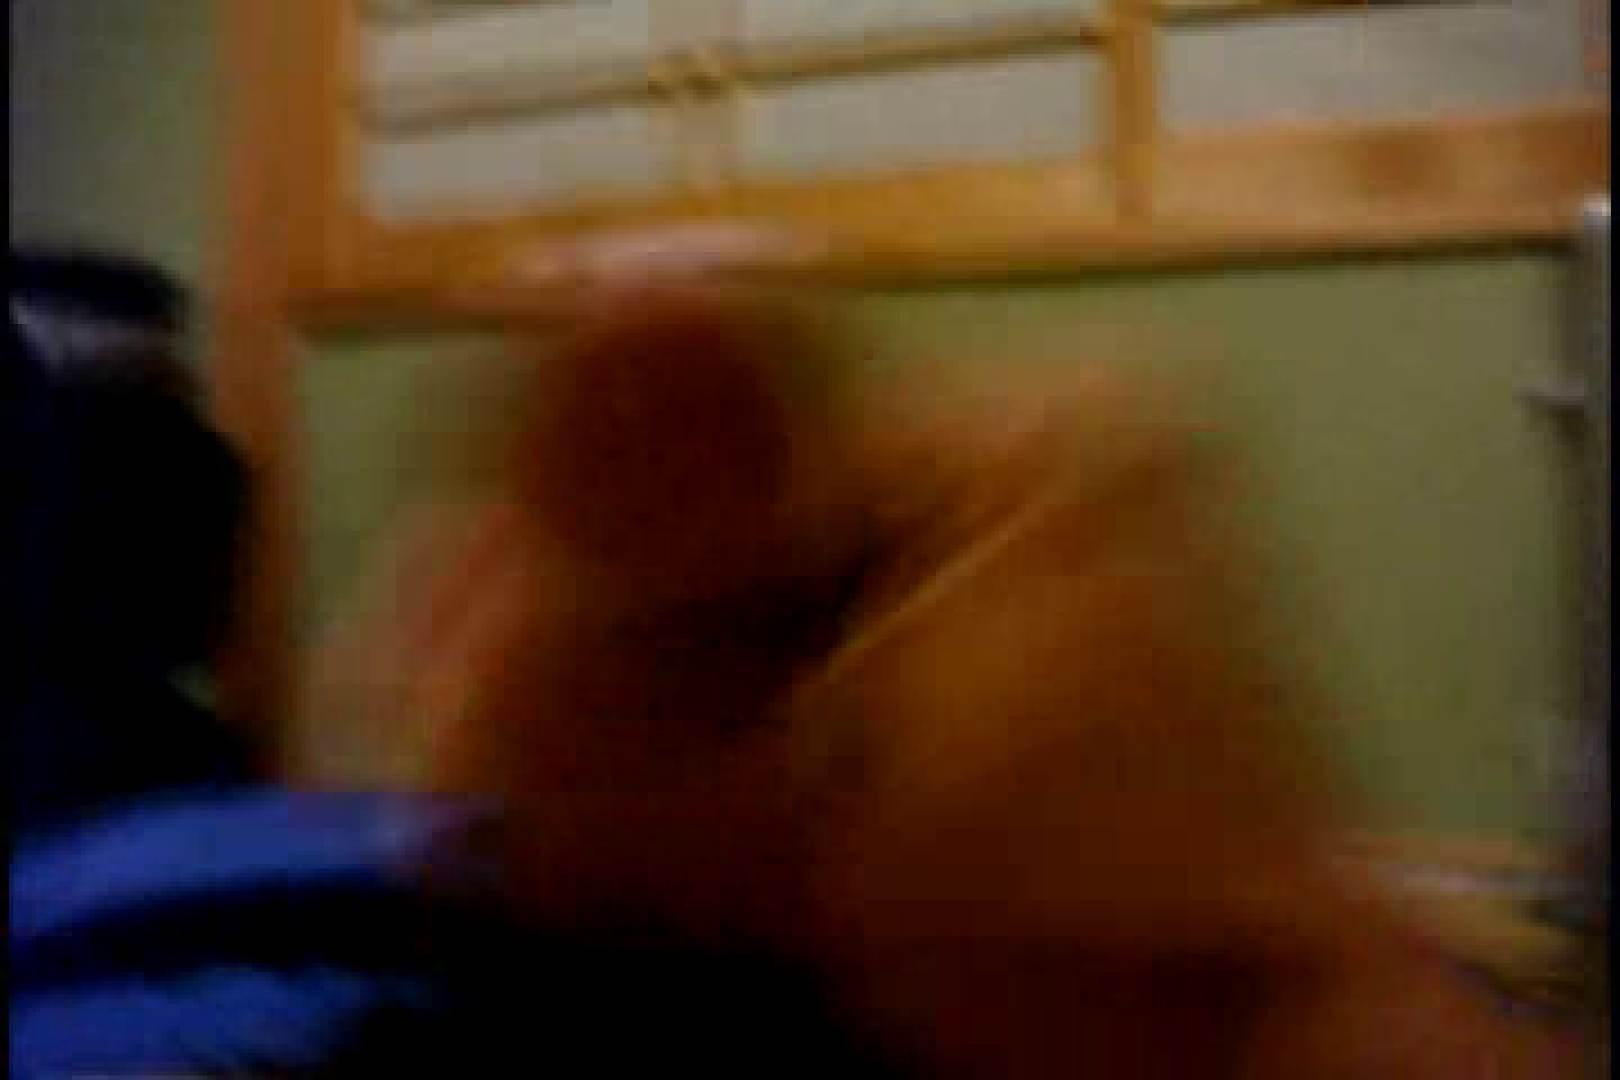 オナ好きノンケテニス部員の自画撮り投稿vol.02 射精 GAY無修正エロ動画 76枚 35